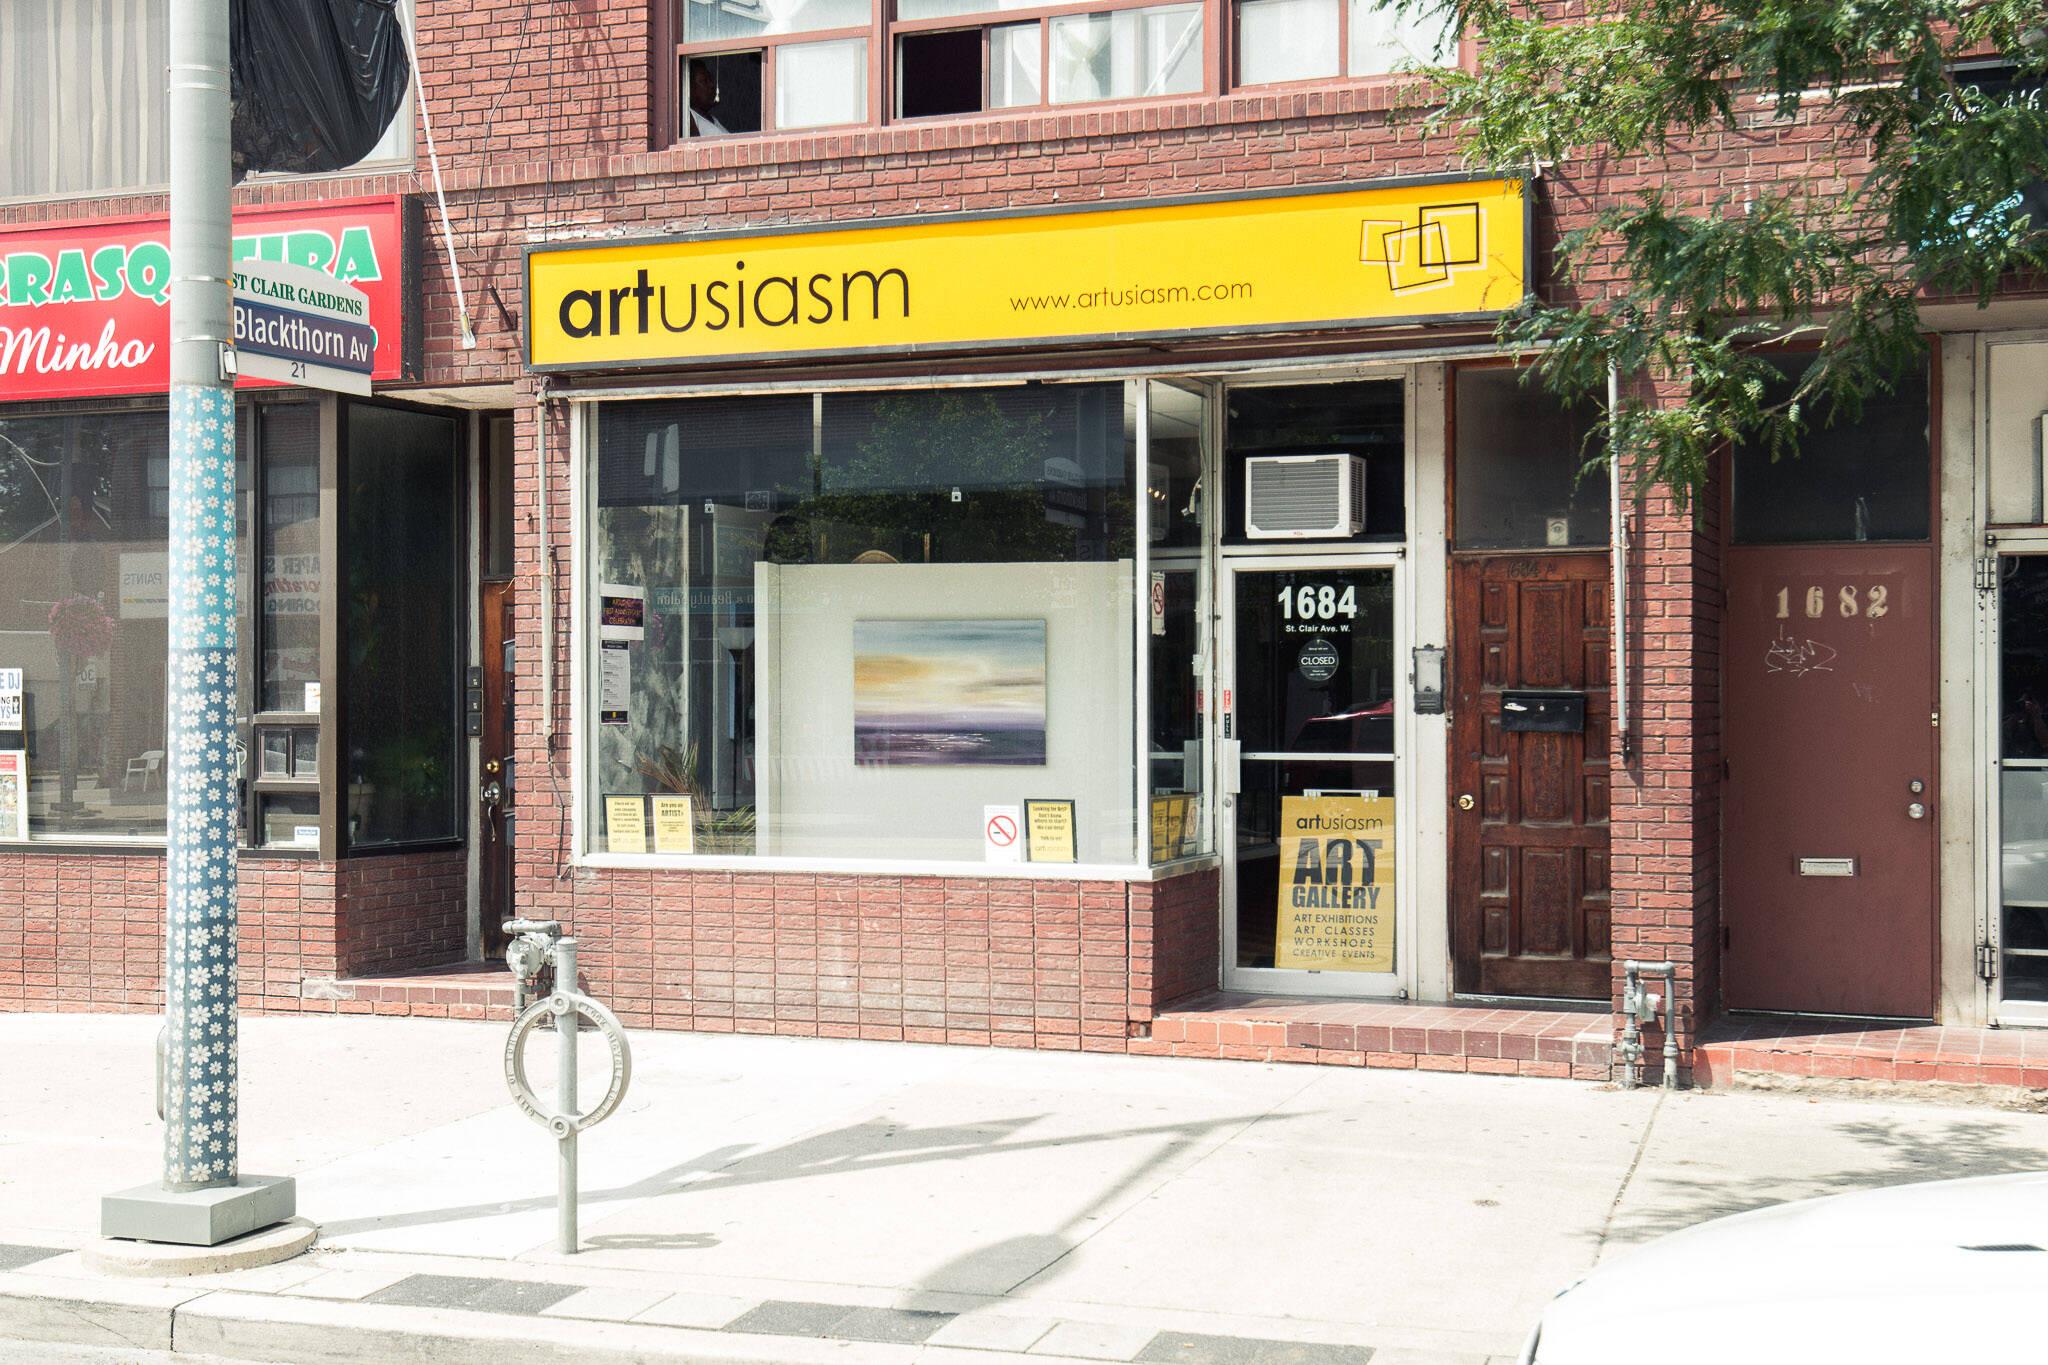 Artusiasm Toronto